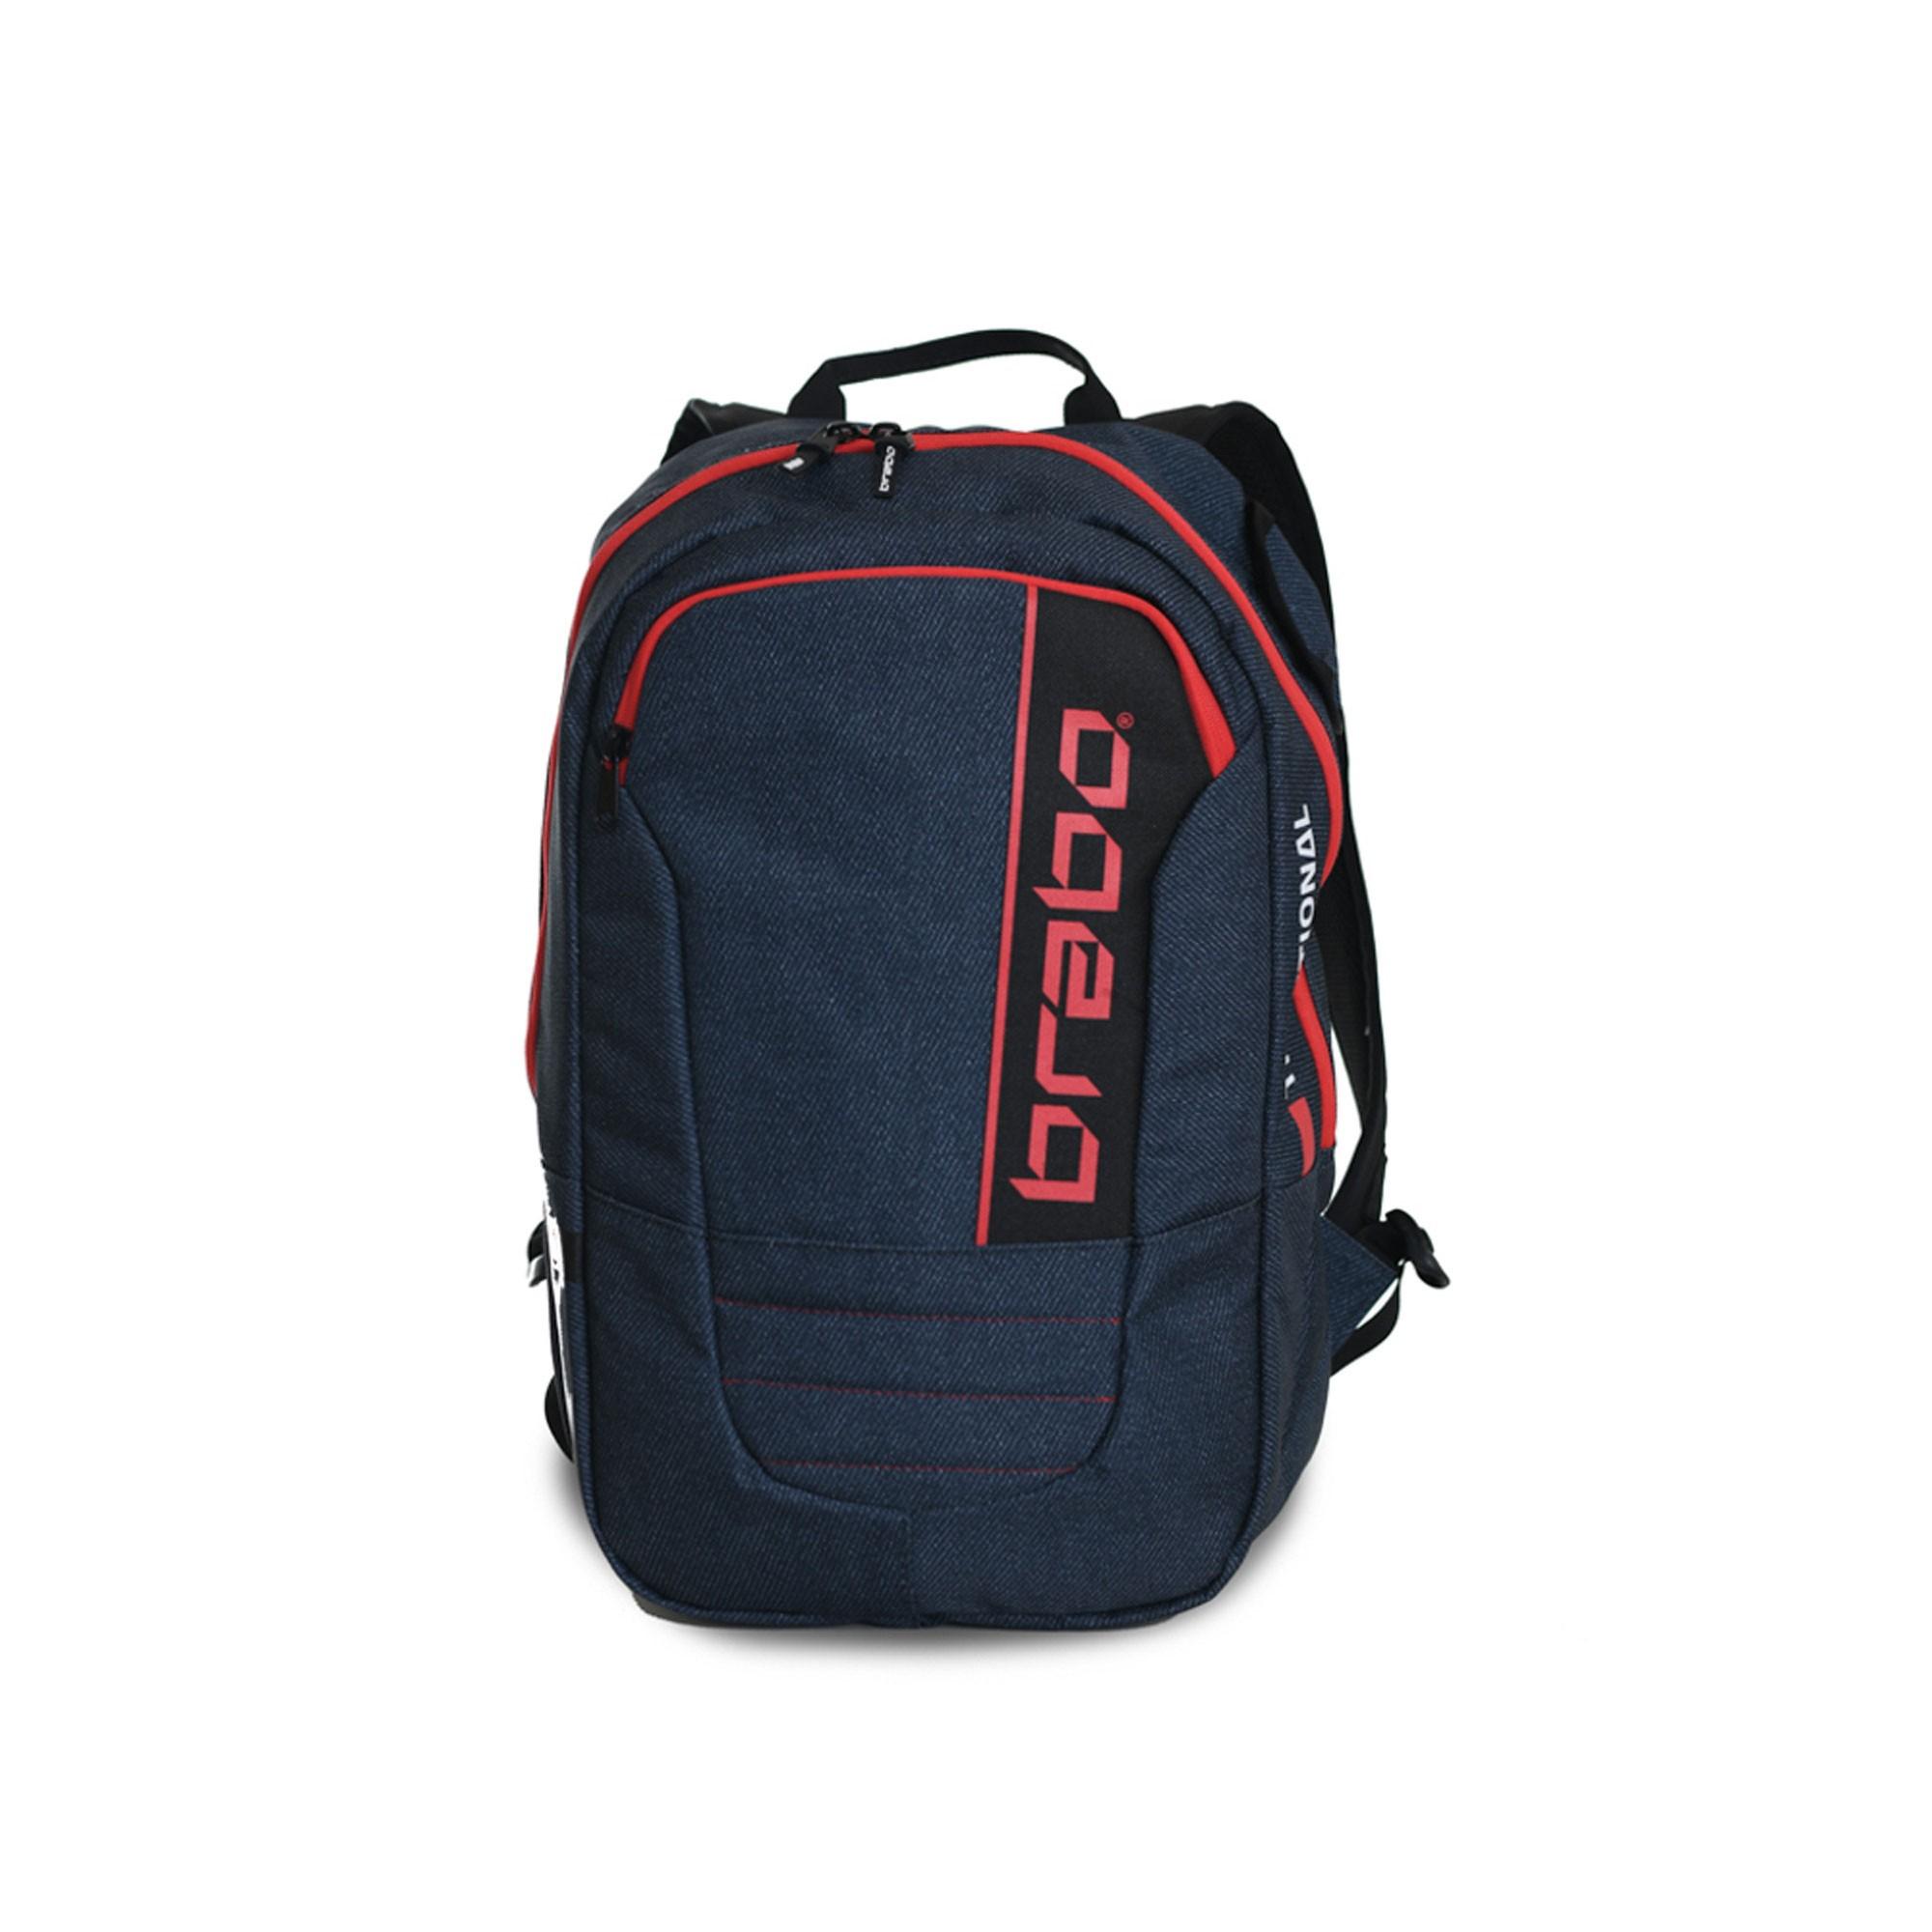 Afbeelding van Brabo Backpack Traditional Denim Hockeytas Blue Red